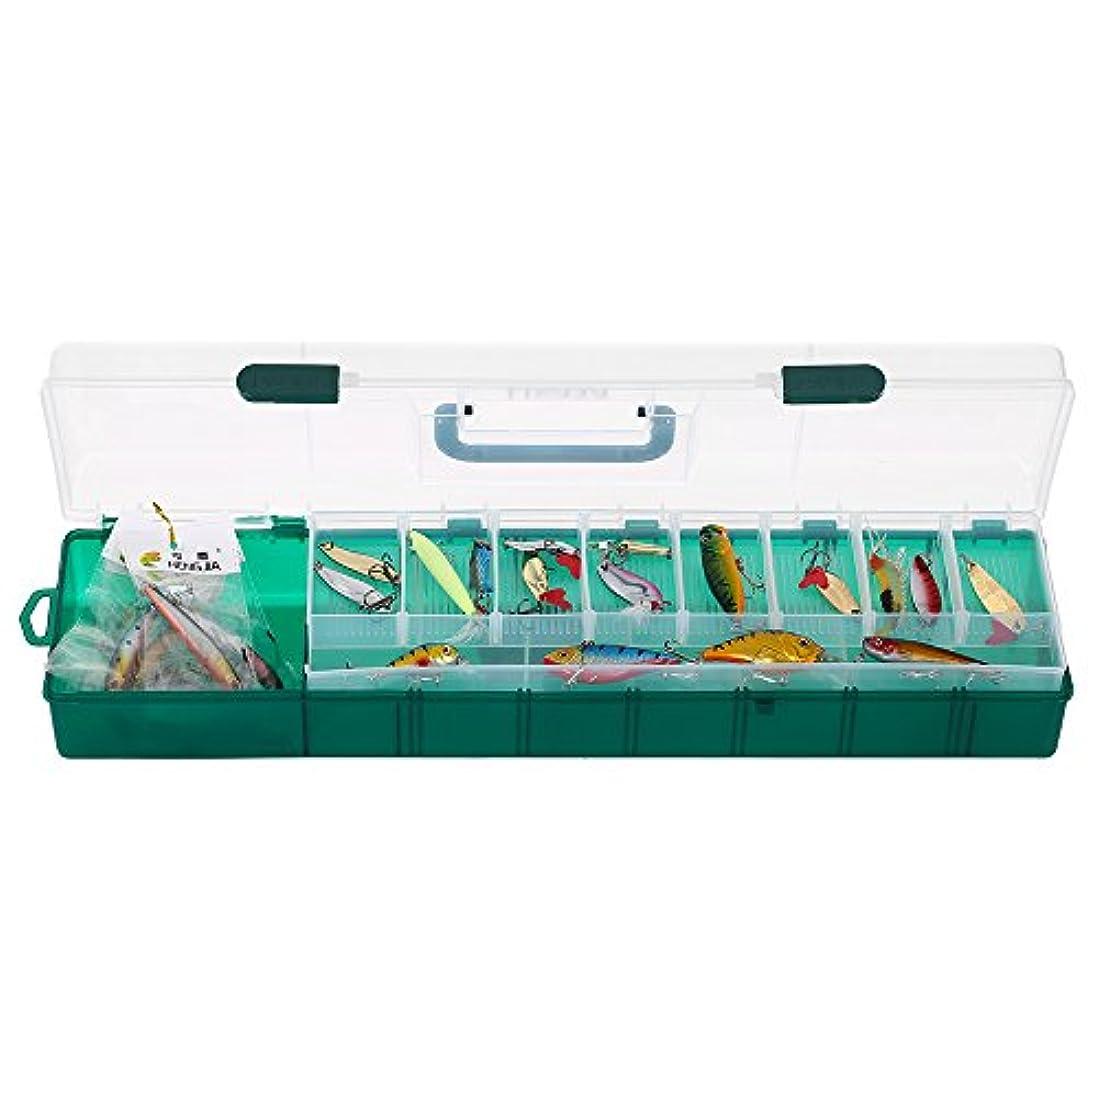 分注する無礼に邪魔するLixada タックルボックス,釣りルアー ボックス 2層 S/Lサイズ